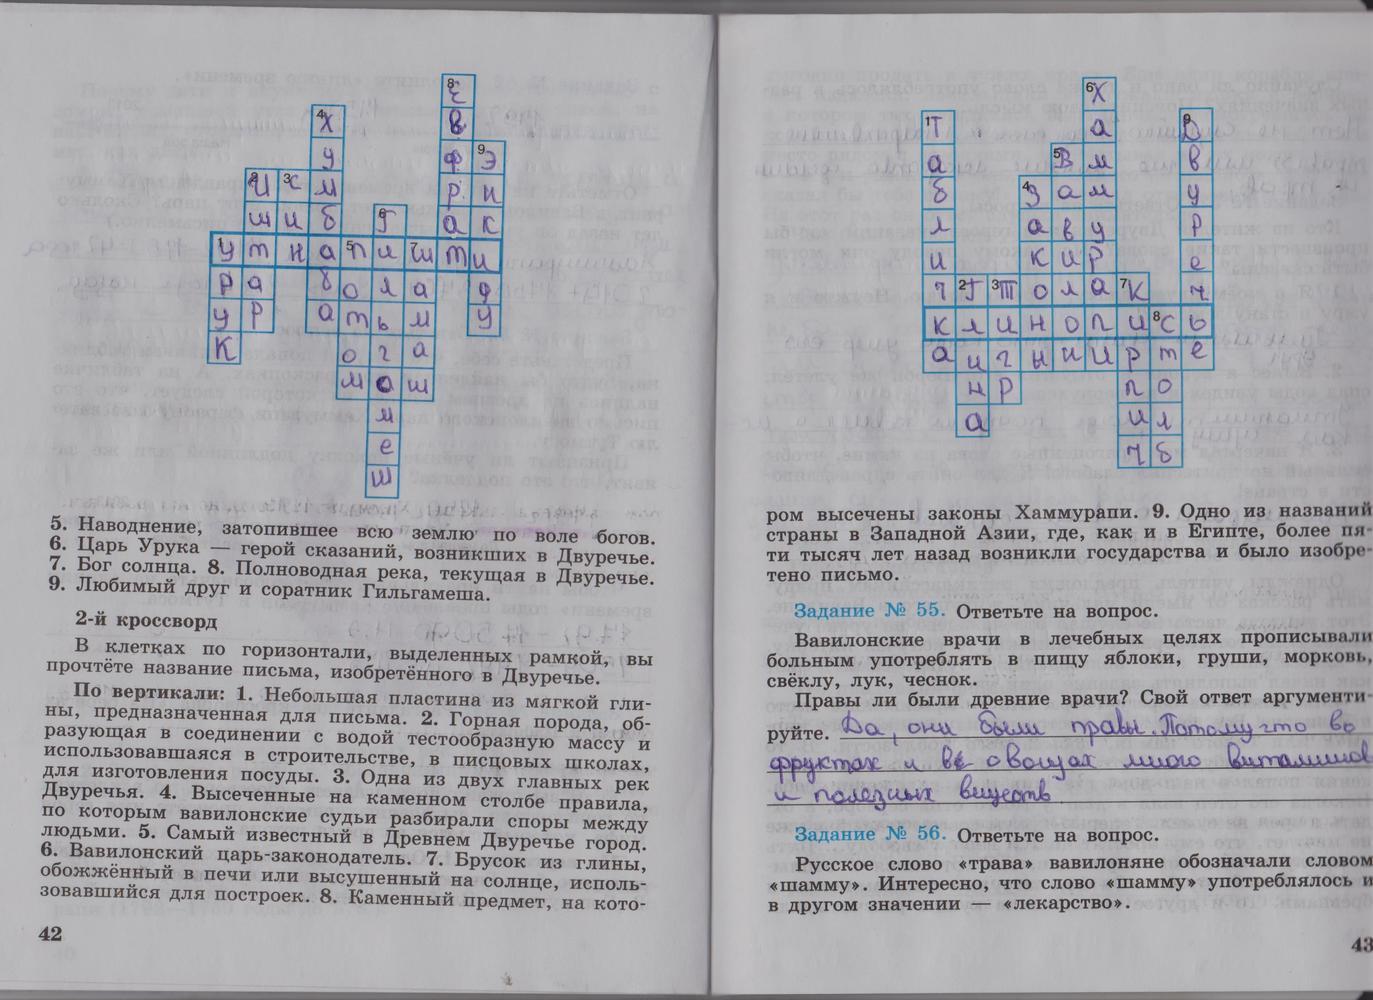 Ответы на задания в рабочей тетради по истории древнего мира для 5 классов по параграфу 22 задание